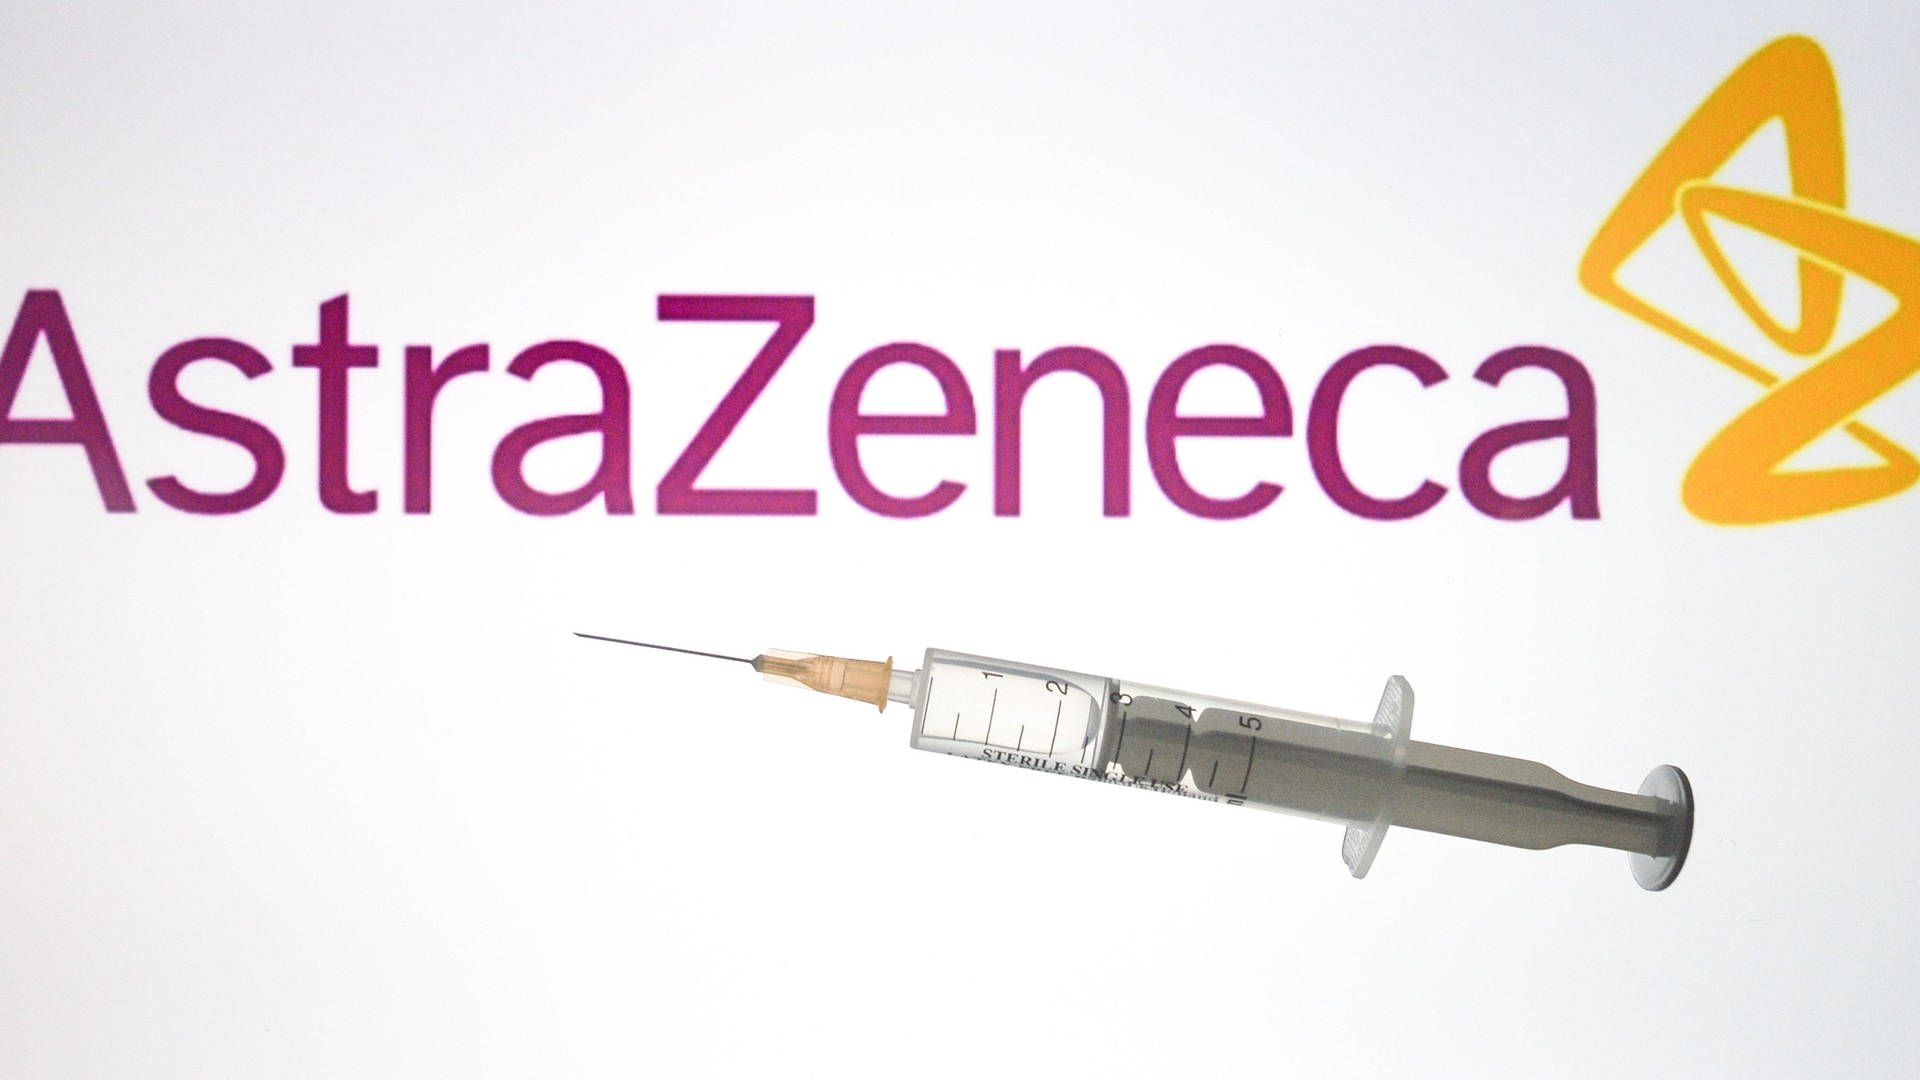 astrazeneca impfstoff ist besser als